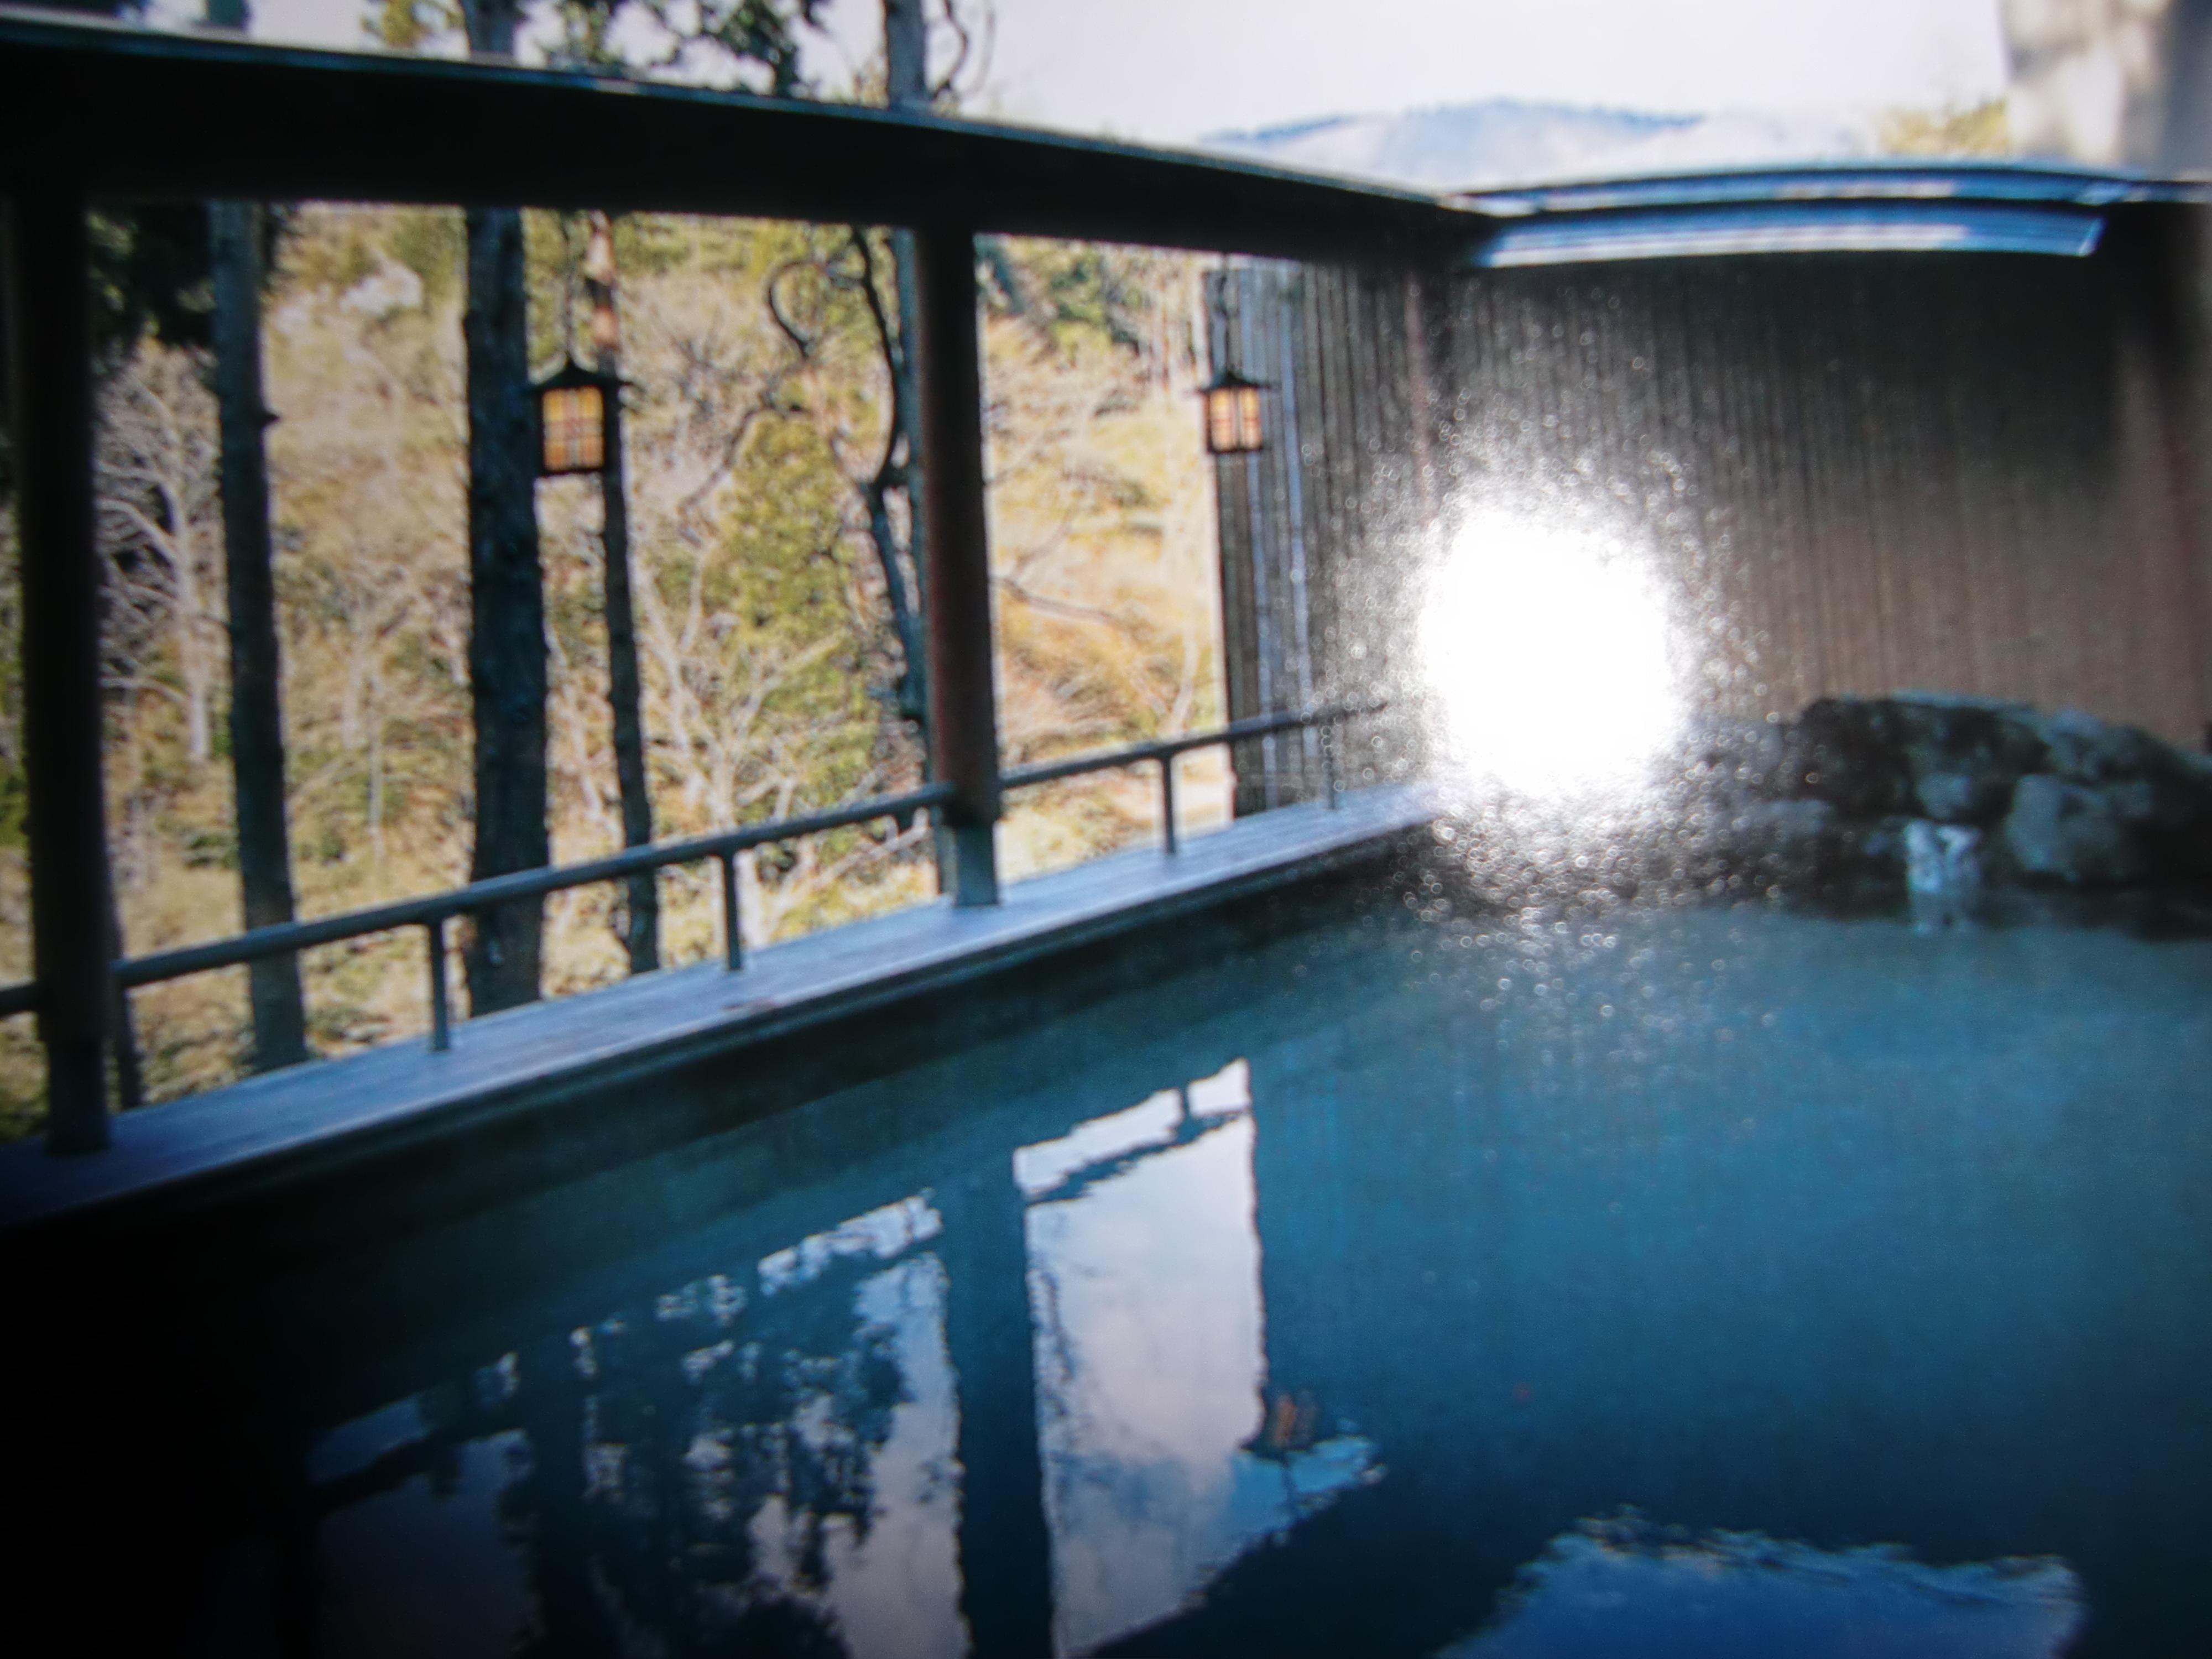 銀山温泉 (ぎんざんおんせん) 「銀山荘」